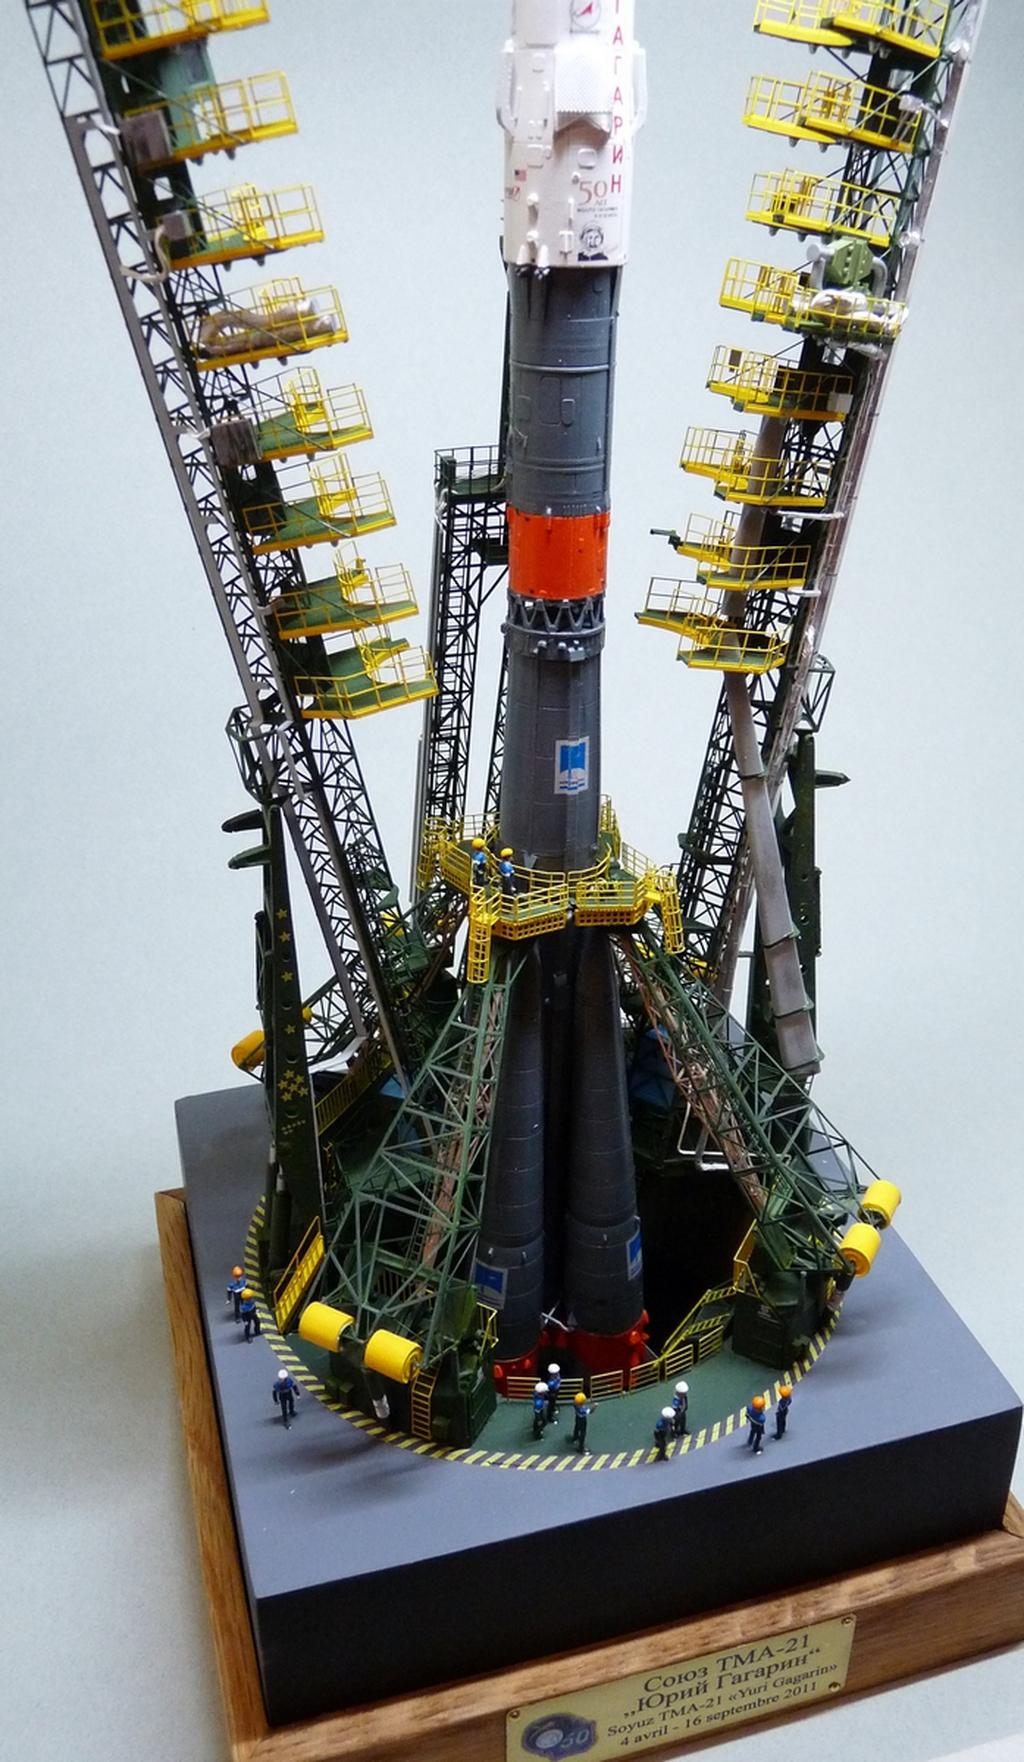 La fusée russe Soyouz TMA-21 sur son pas de tir au 144e  - Page 2 17072607324423134915172627